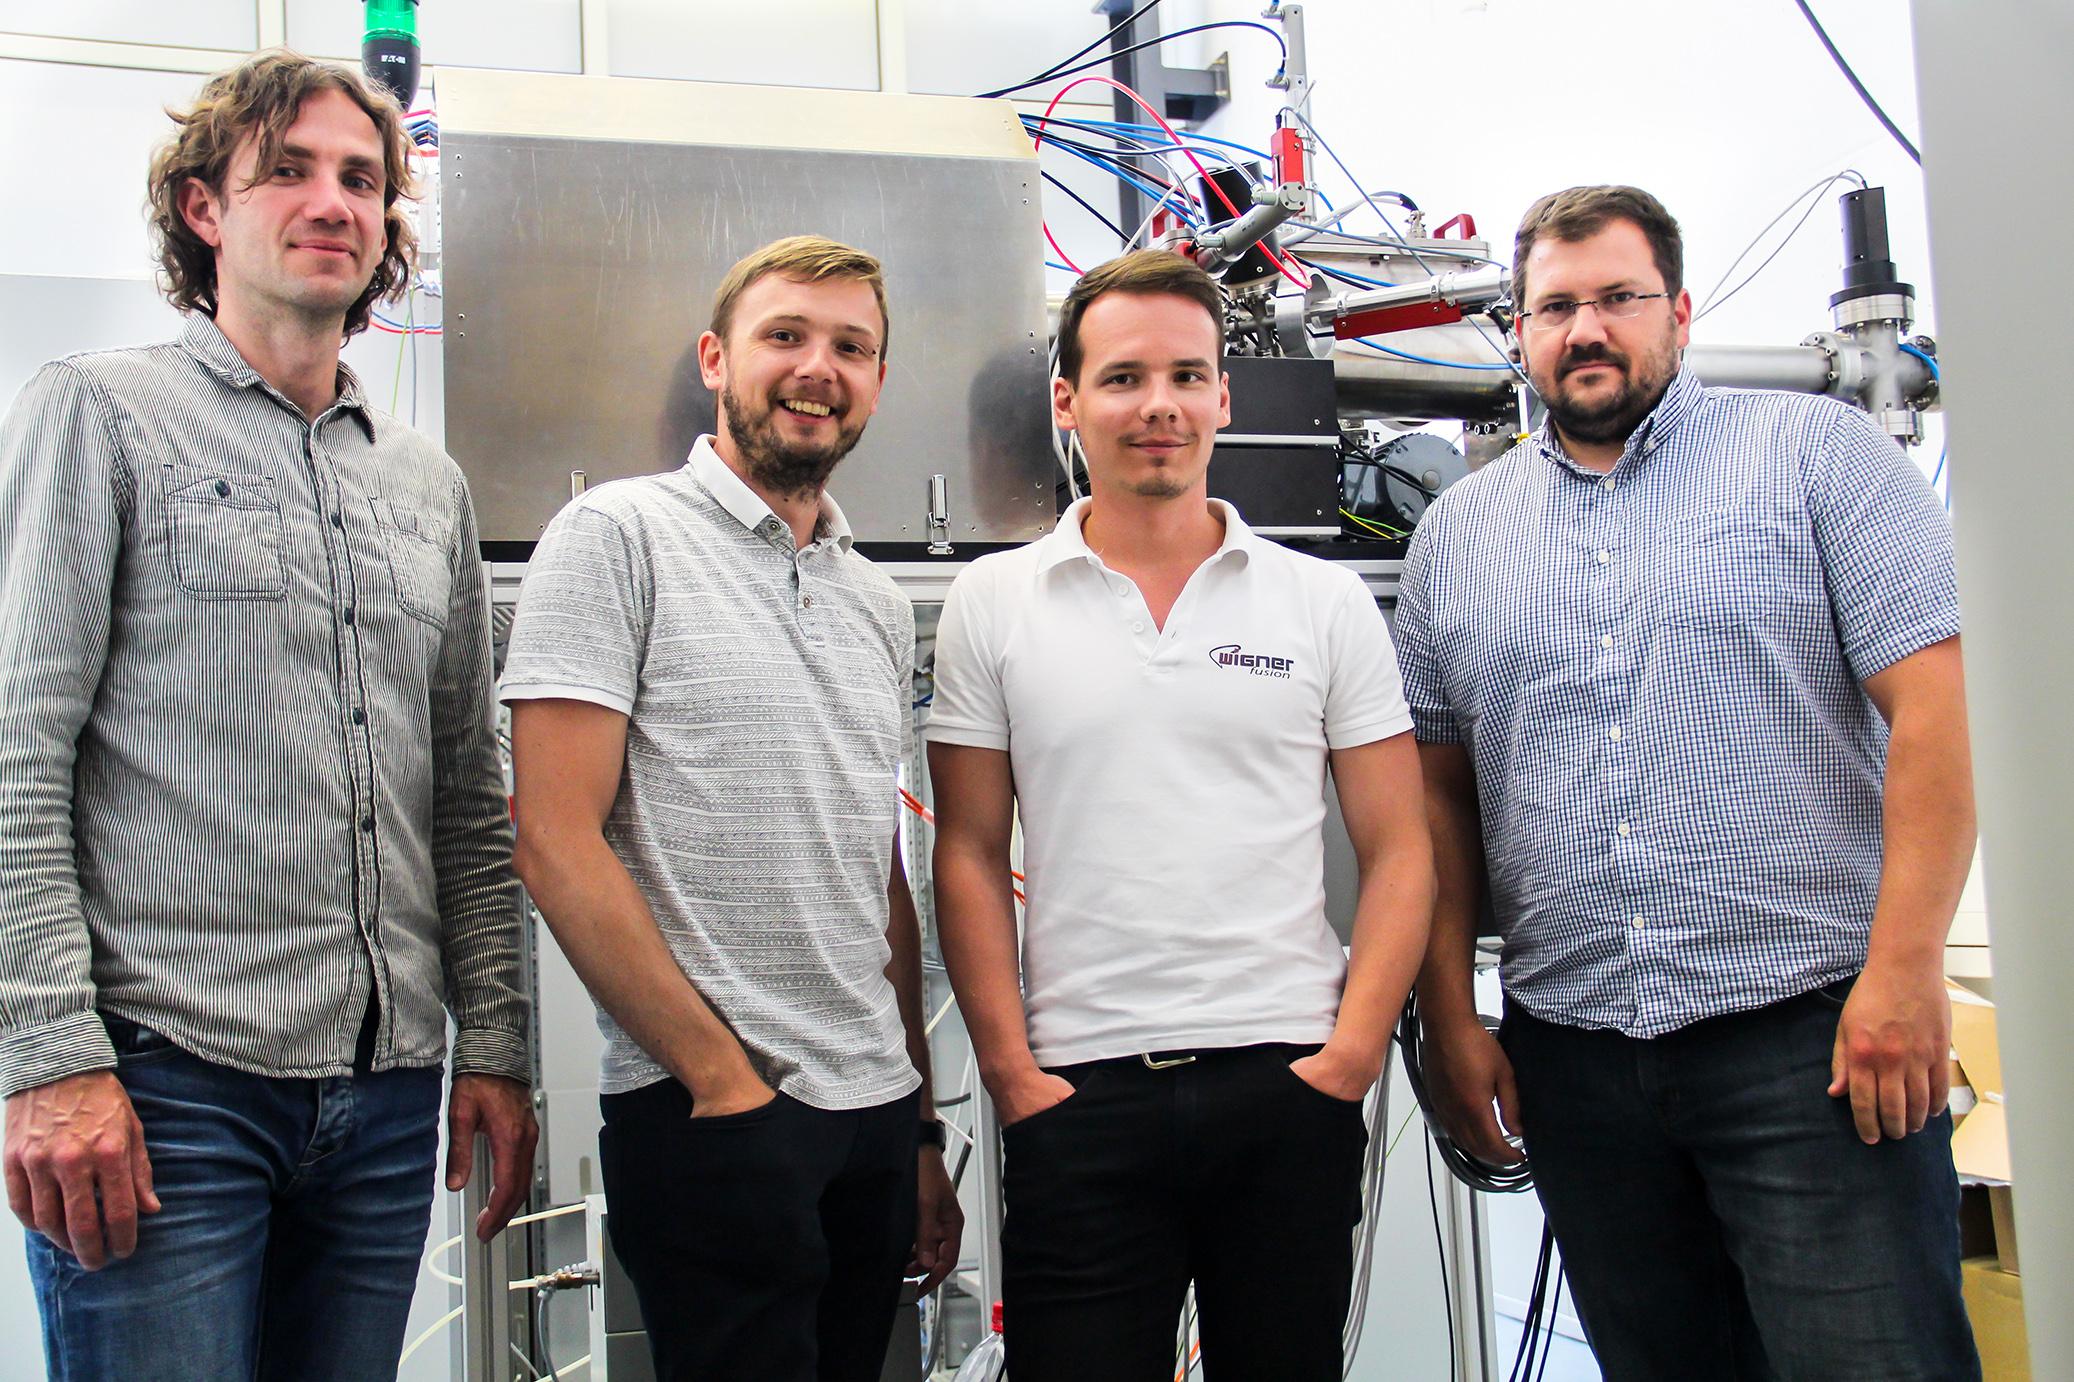 A Wigner fusion csapata és a német sztellarátor